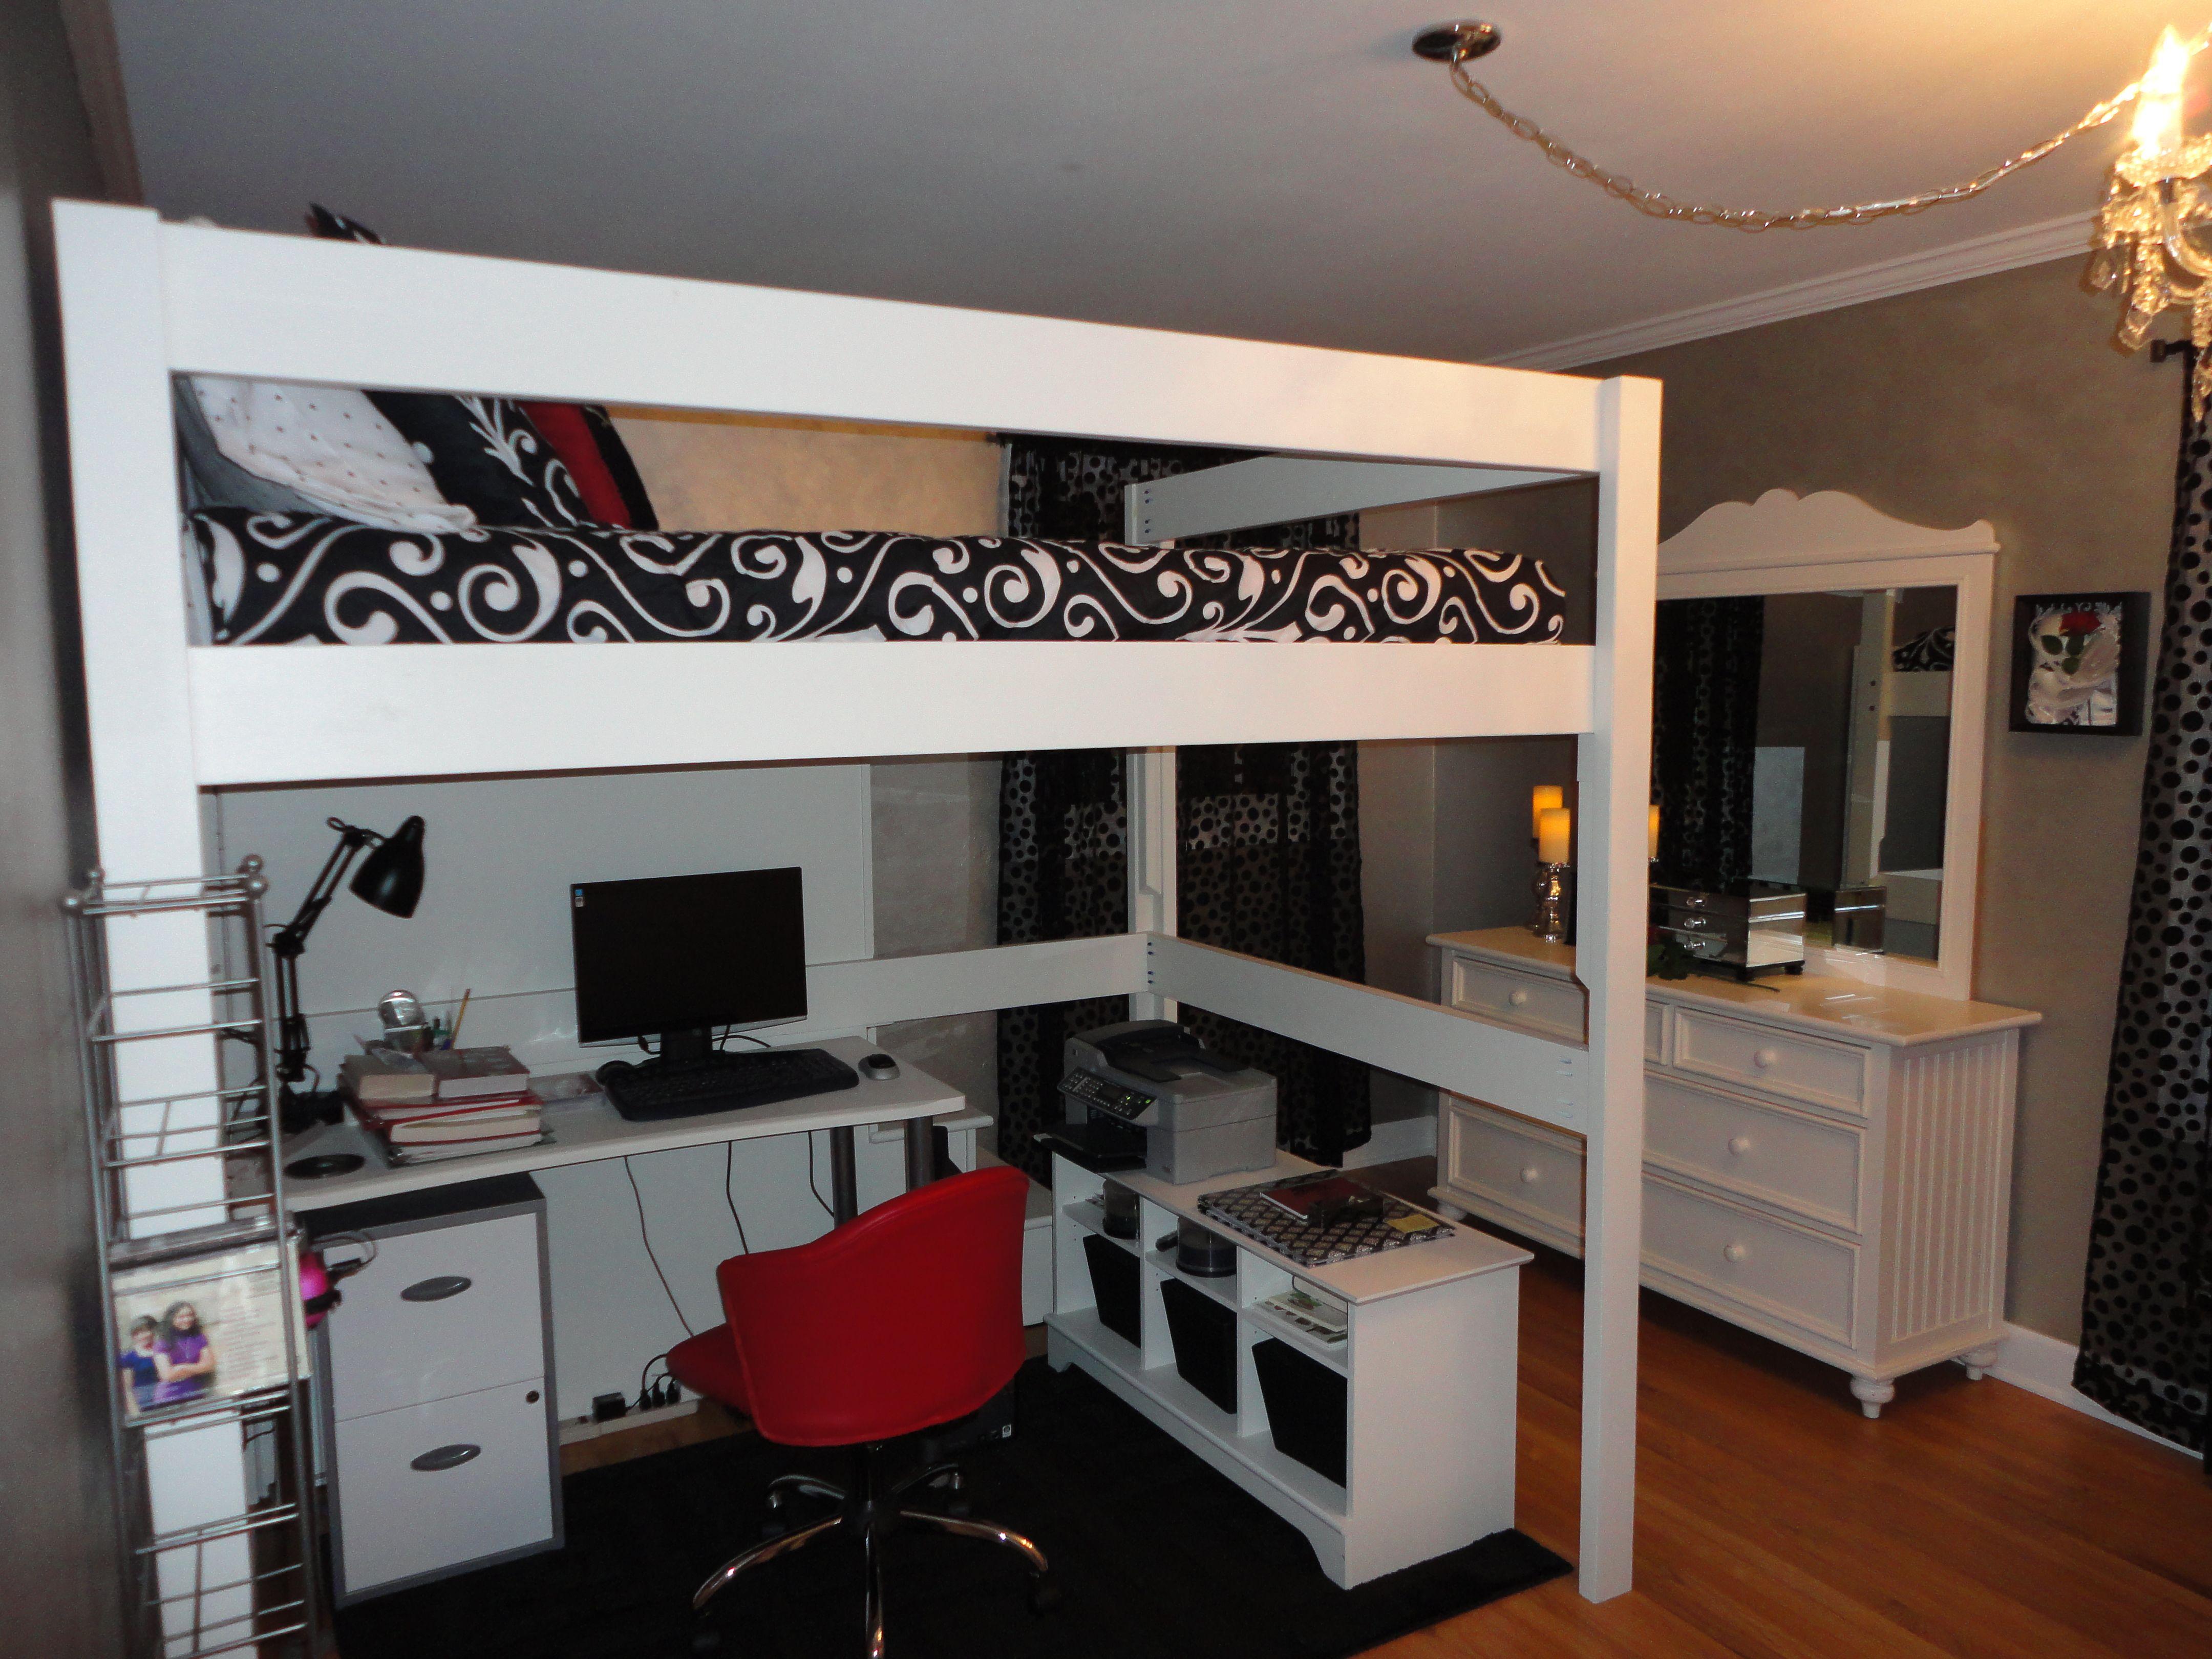 loft beds broadway theme phantom of the opera bedroom designs bedroom